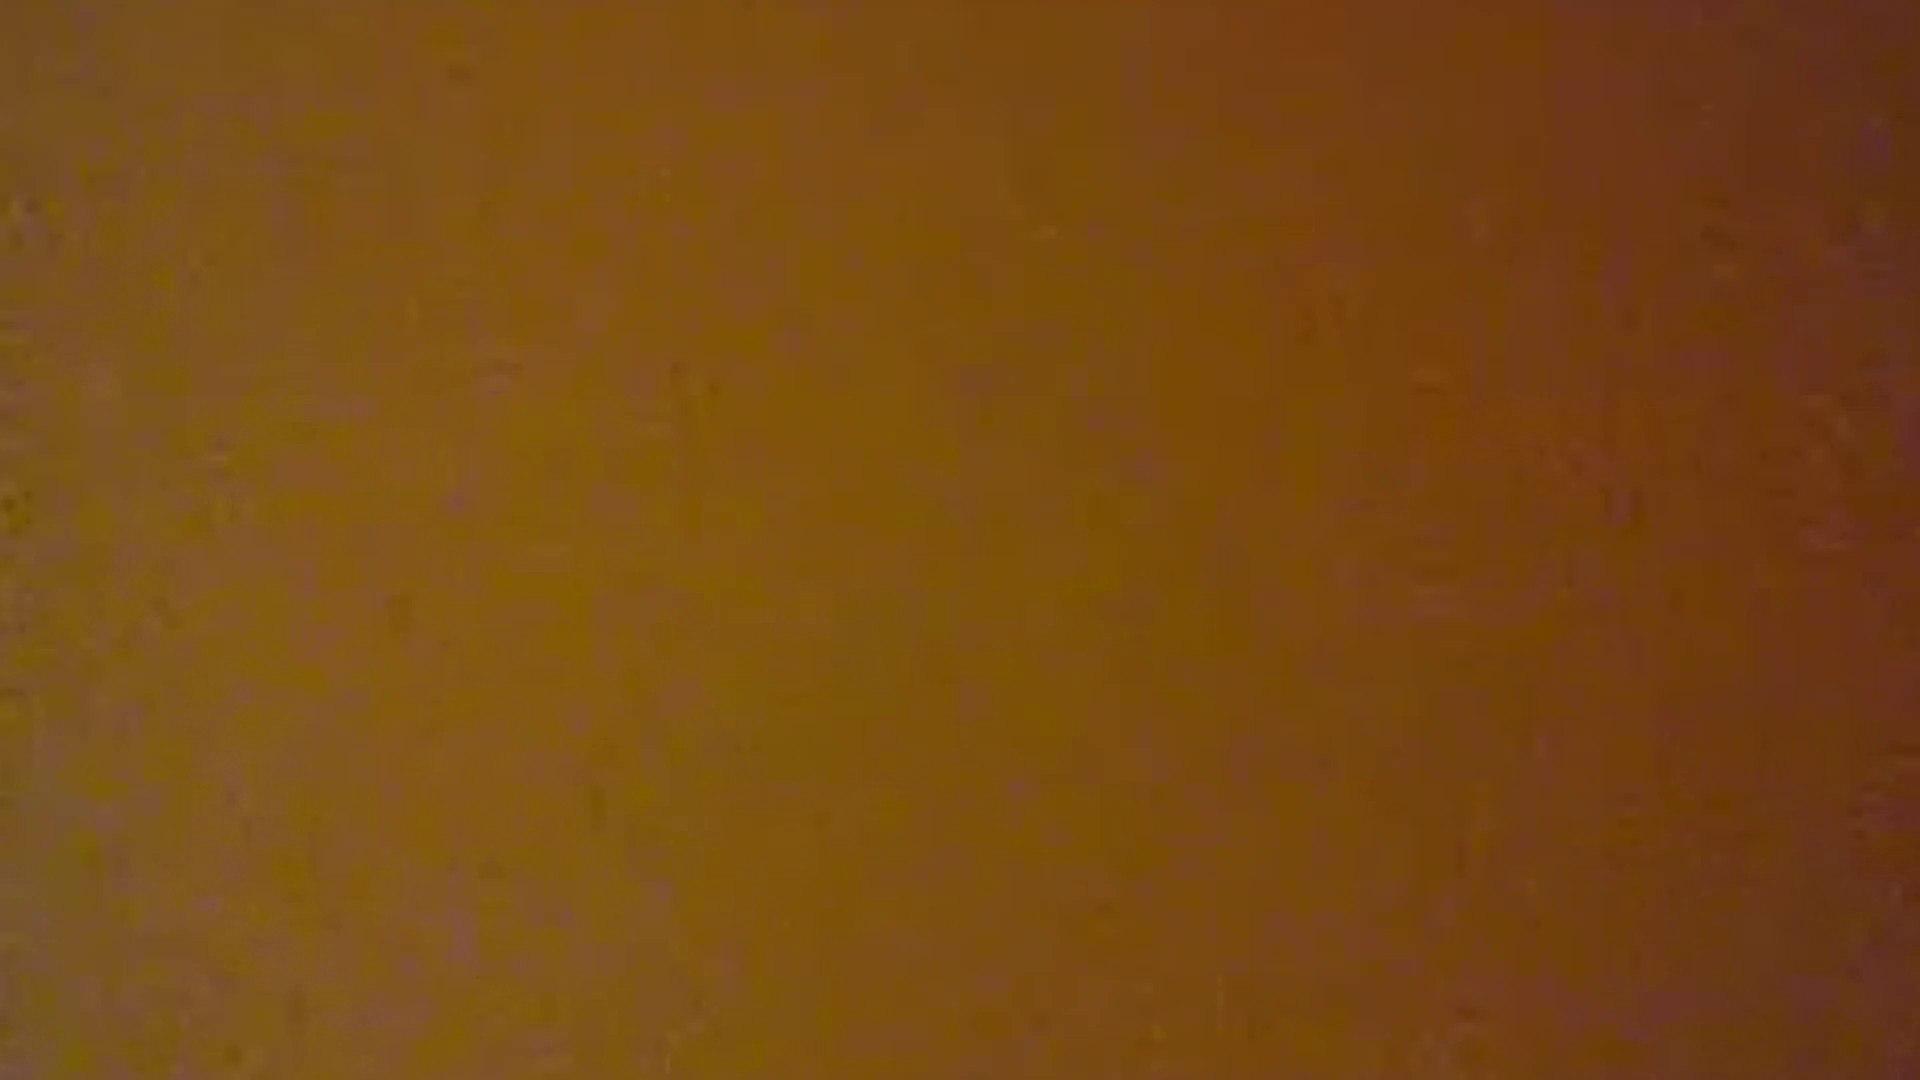 ~厳選!素人イケメン~俺のオナニズムⅢVol.08 ゲイのオナニー映像 | 素人  78枚 31